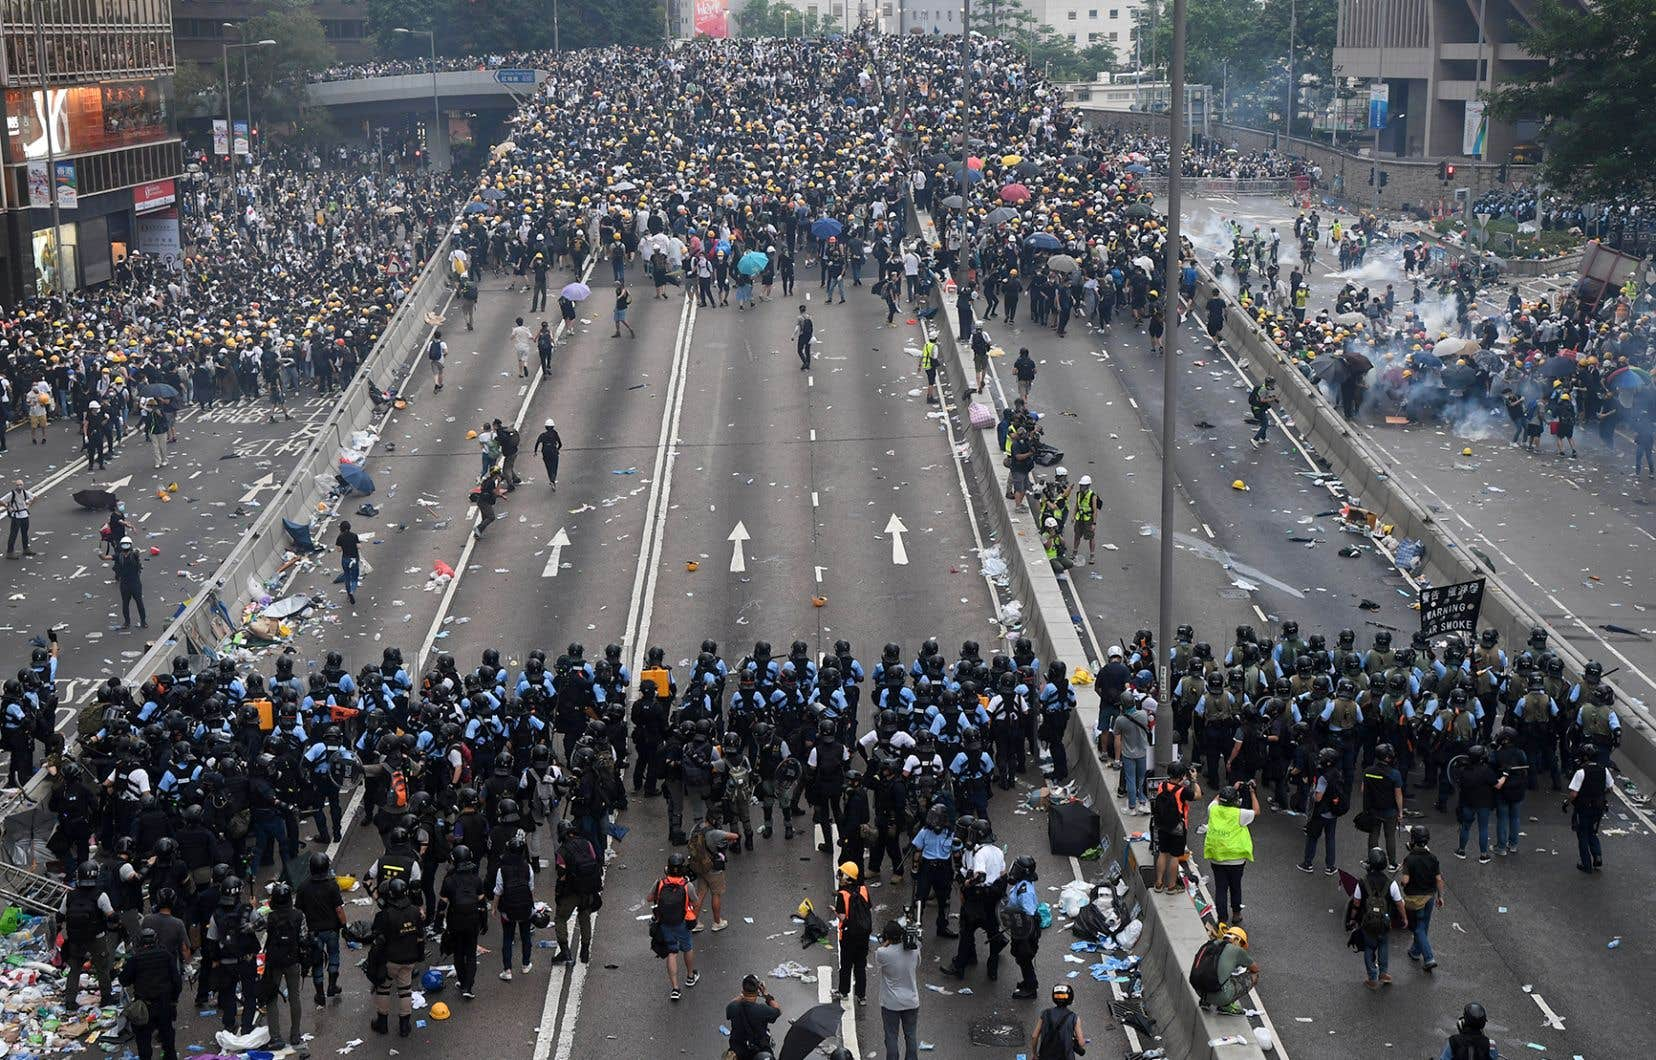 Selon les médias internationaux, les autorités chinoises ont censuré les manifestations de Hong Kong sur les réseaux sociaux chinois.